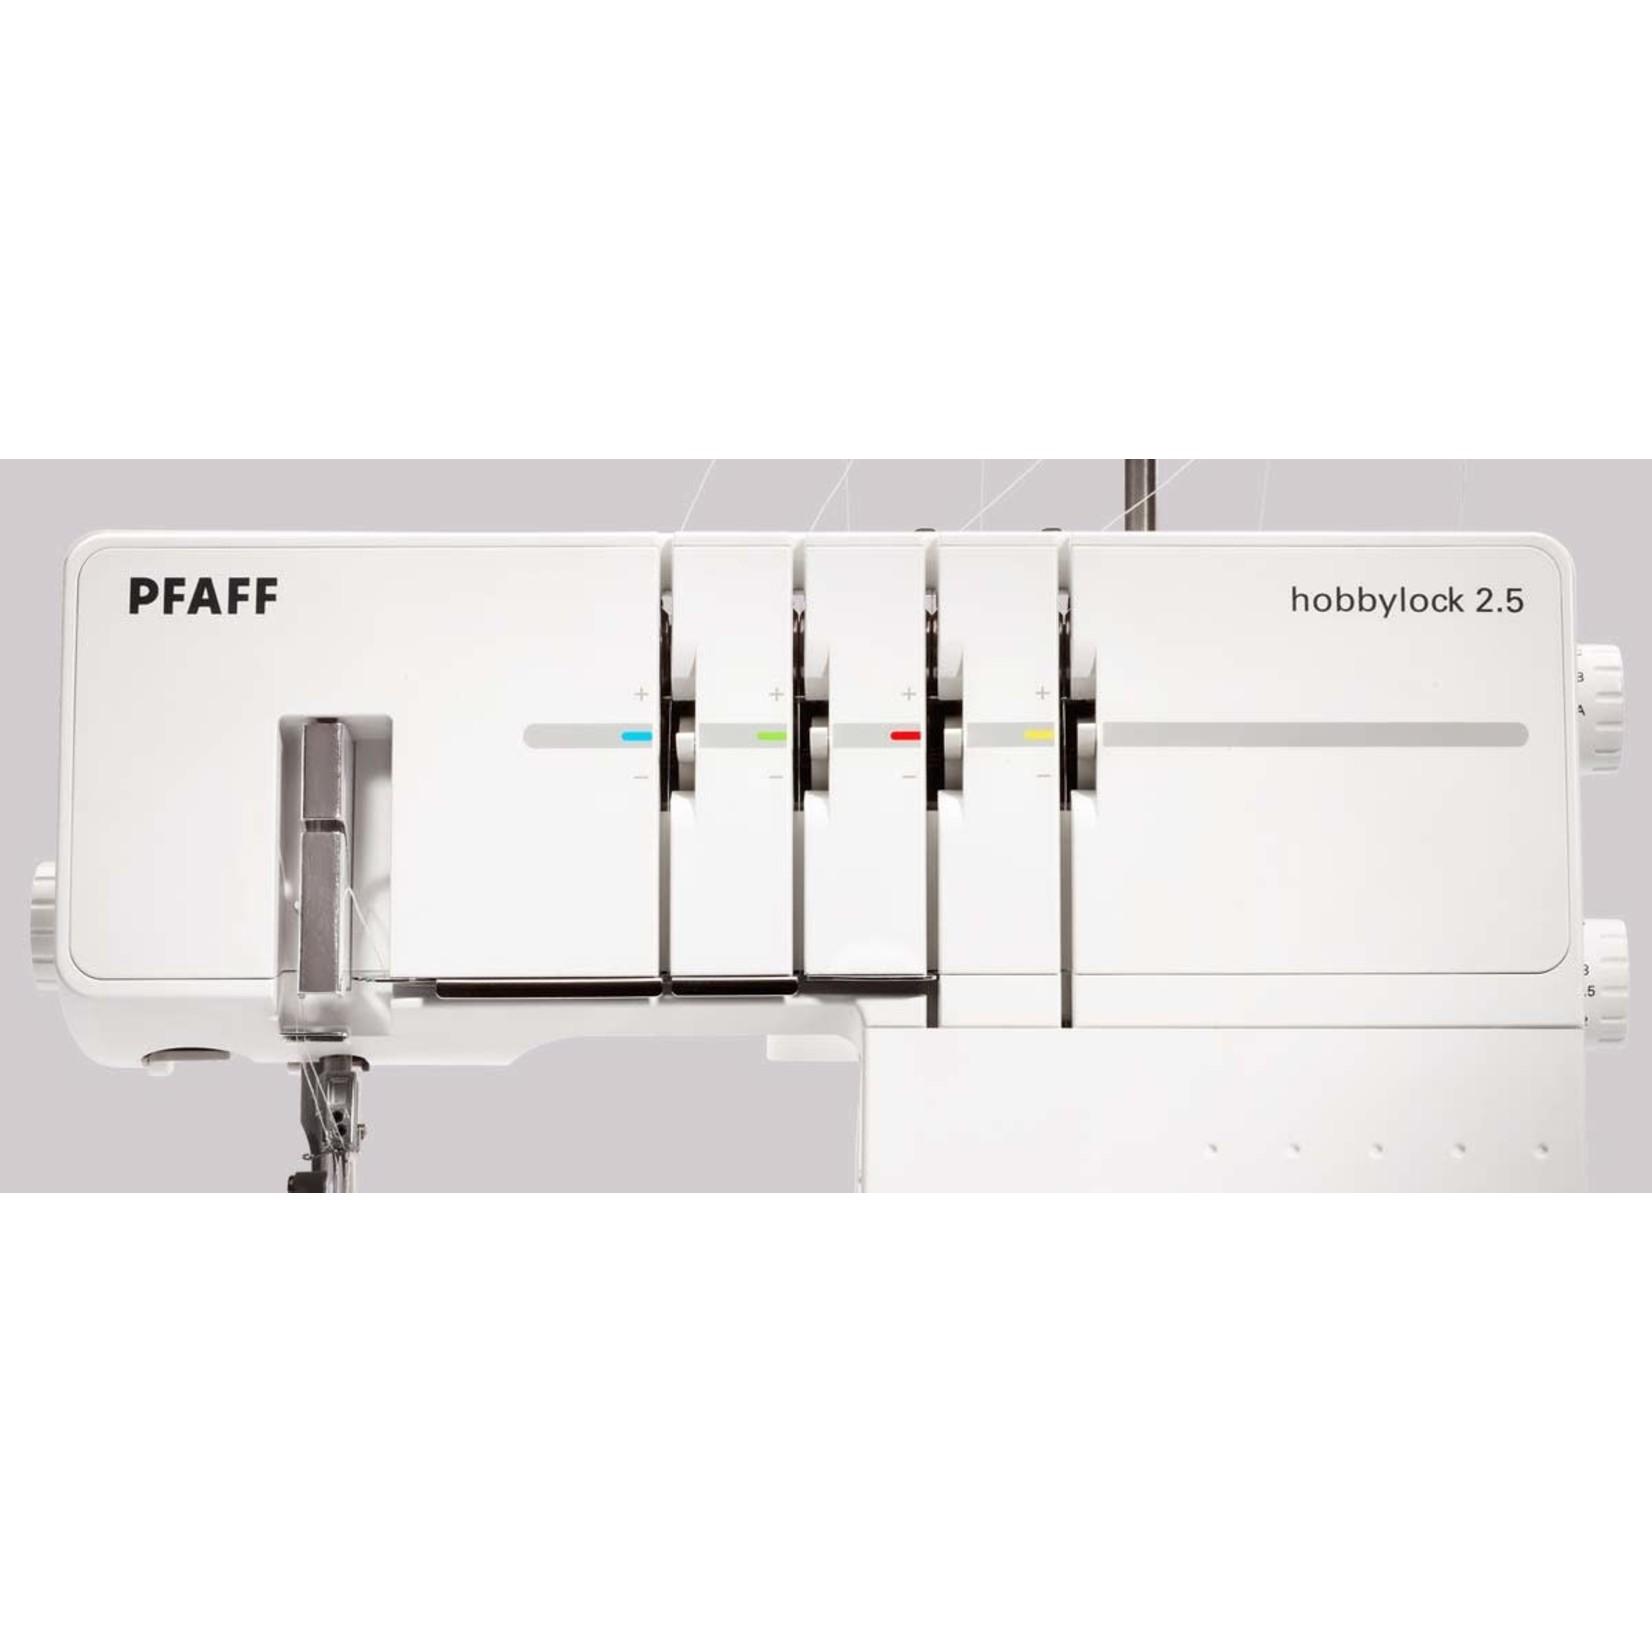 Pfaff hobbylock™ 2.5